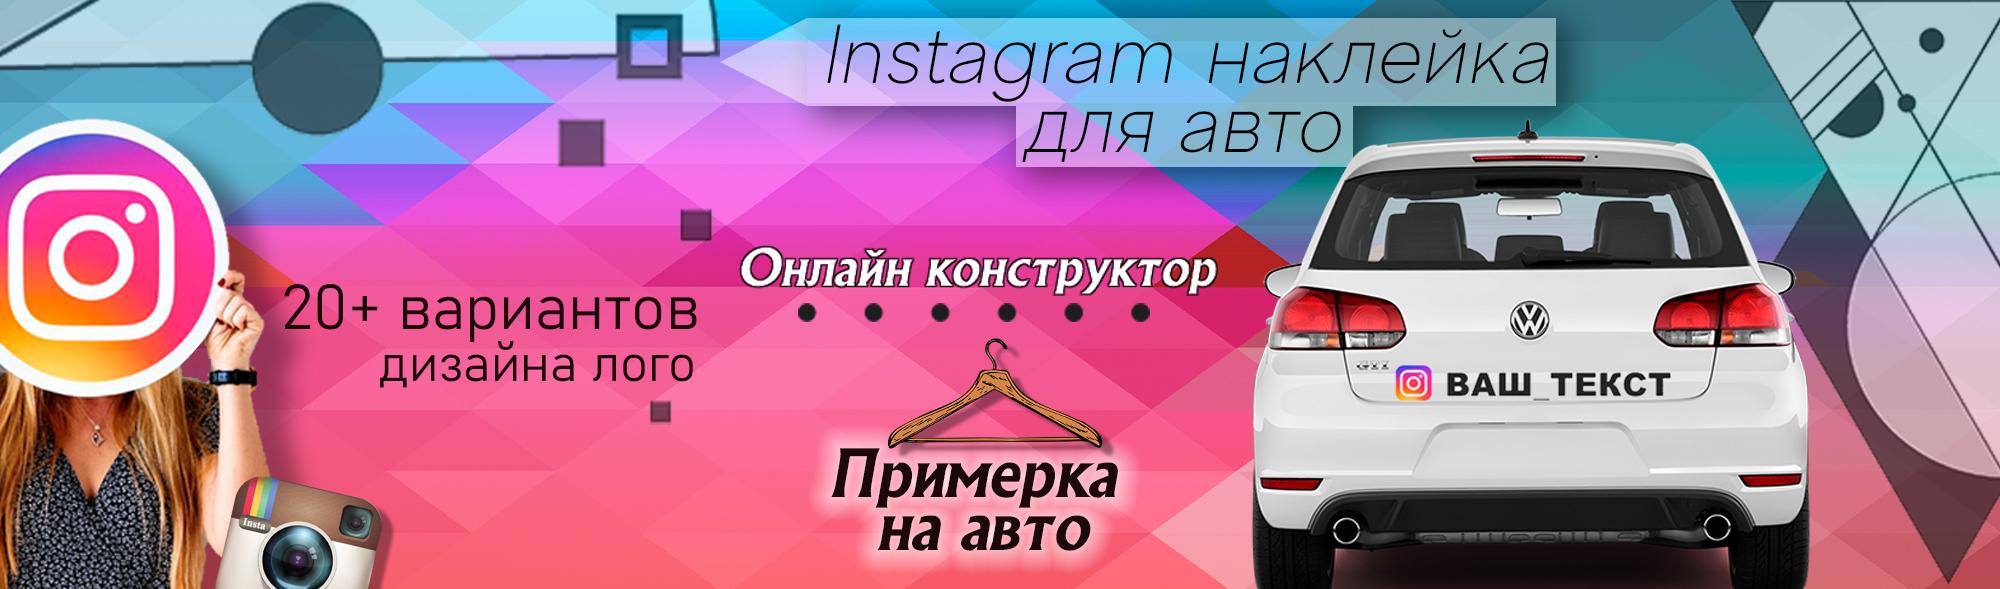 Инстаграм наклейка для авто виниловая StickStock.ru